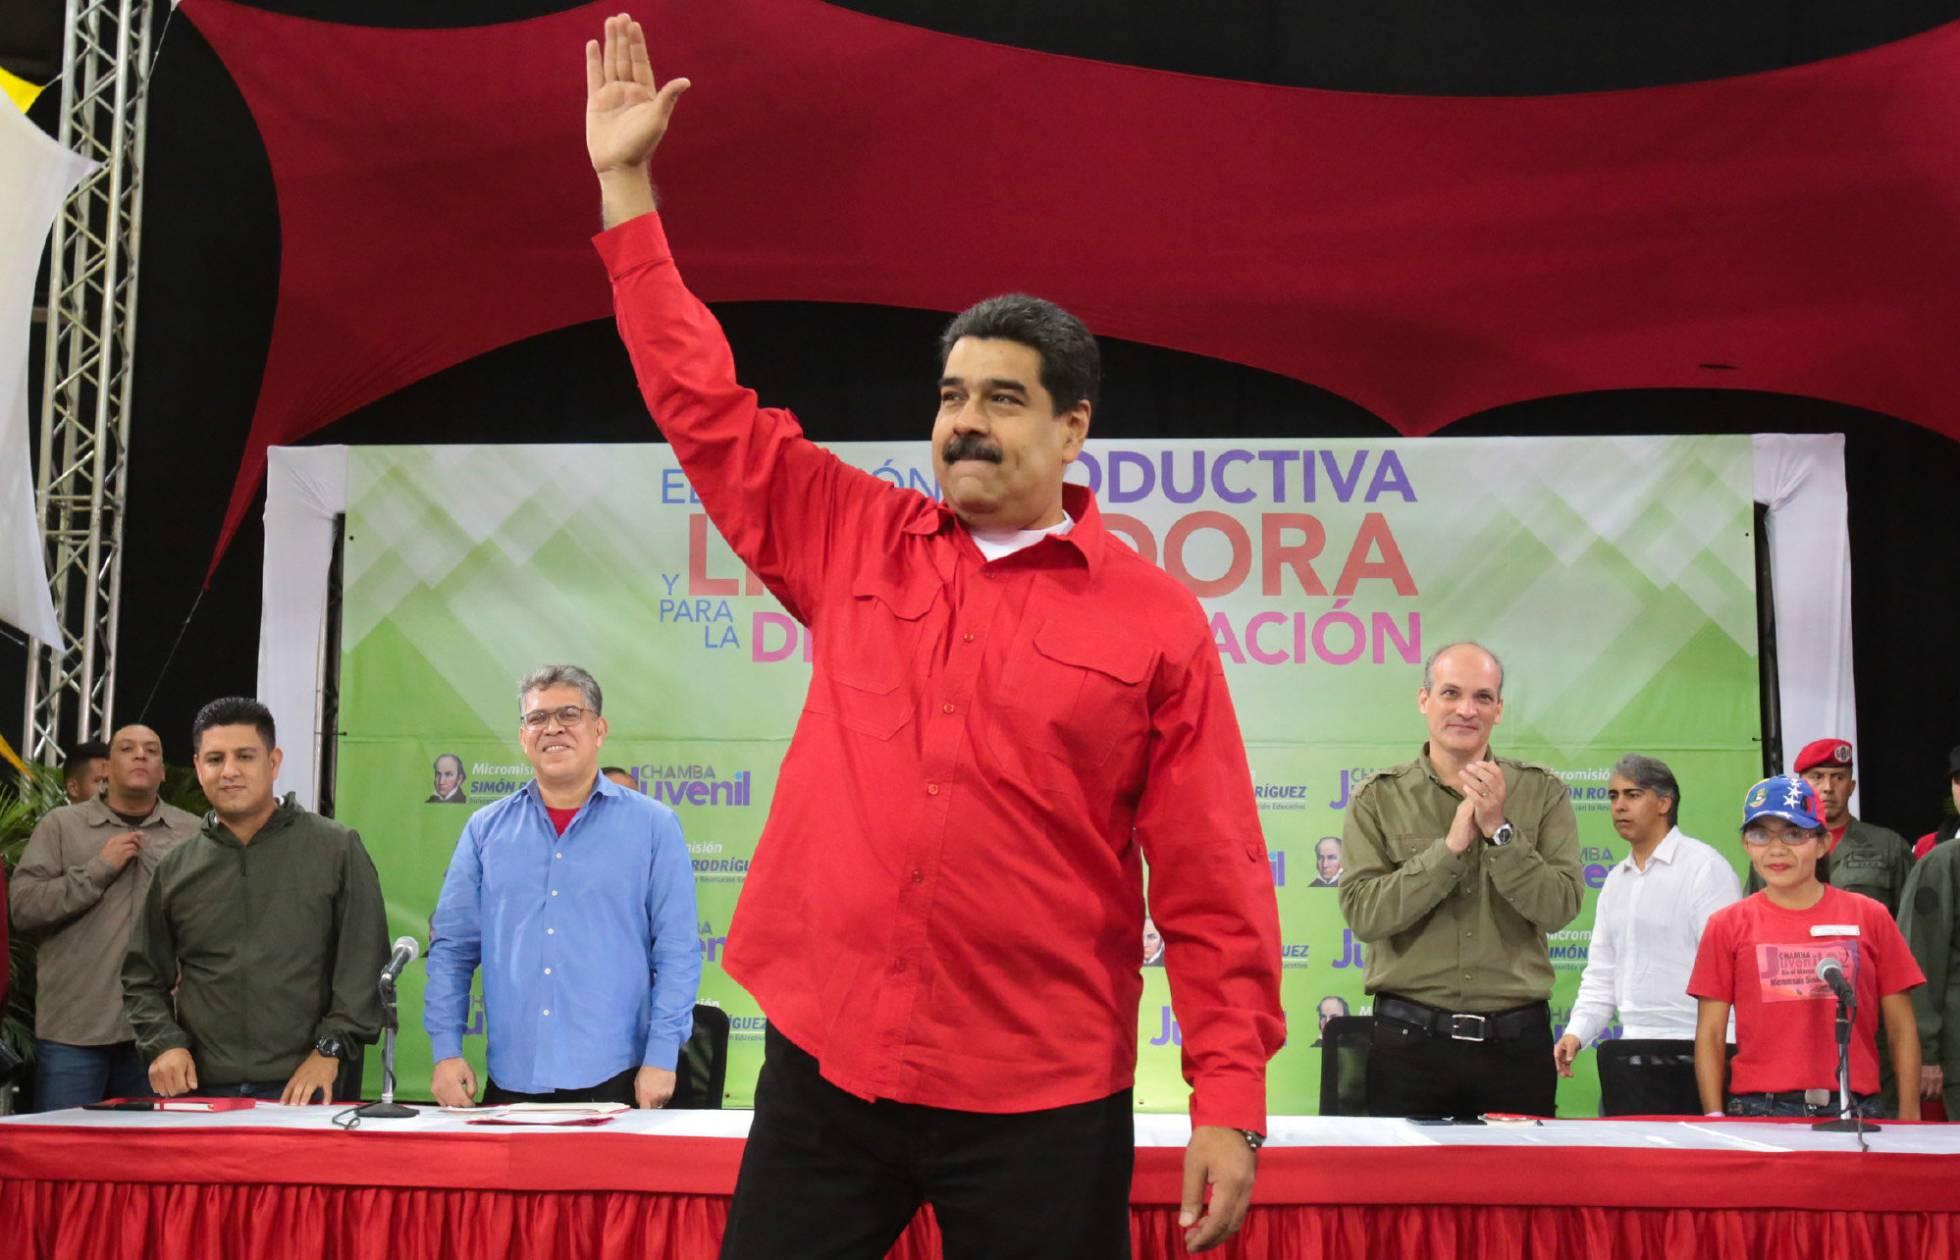 El chavismo decide celebrar elecciones presidenciales antes del 30 de abril